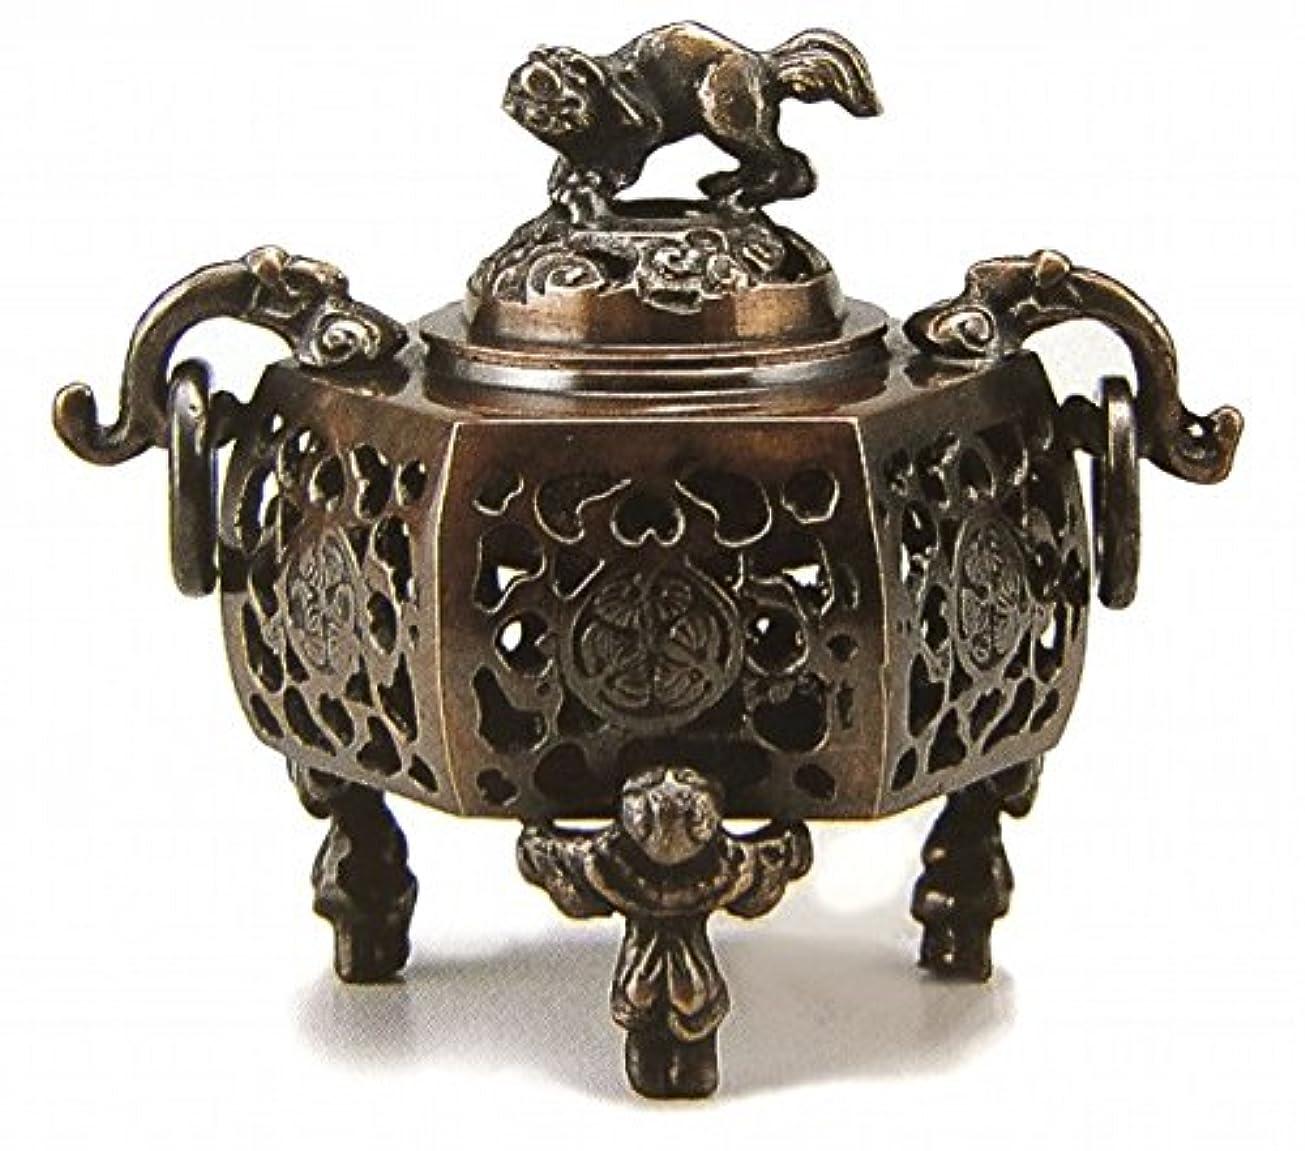 郵便局ハイランド者『葵?香炉』銅製